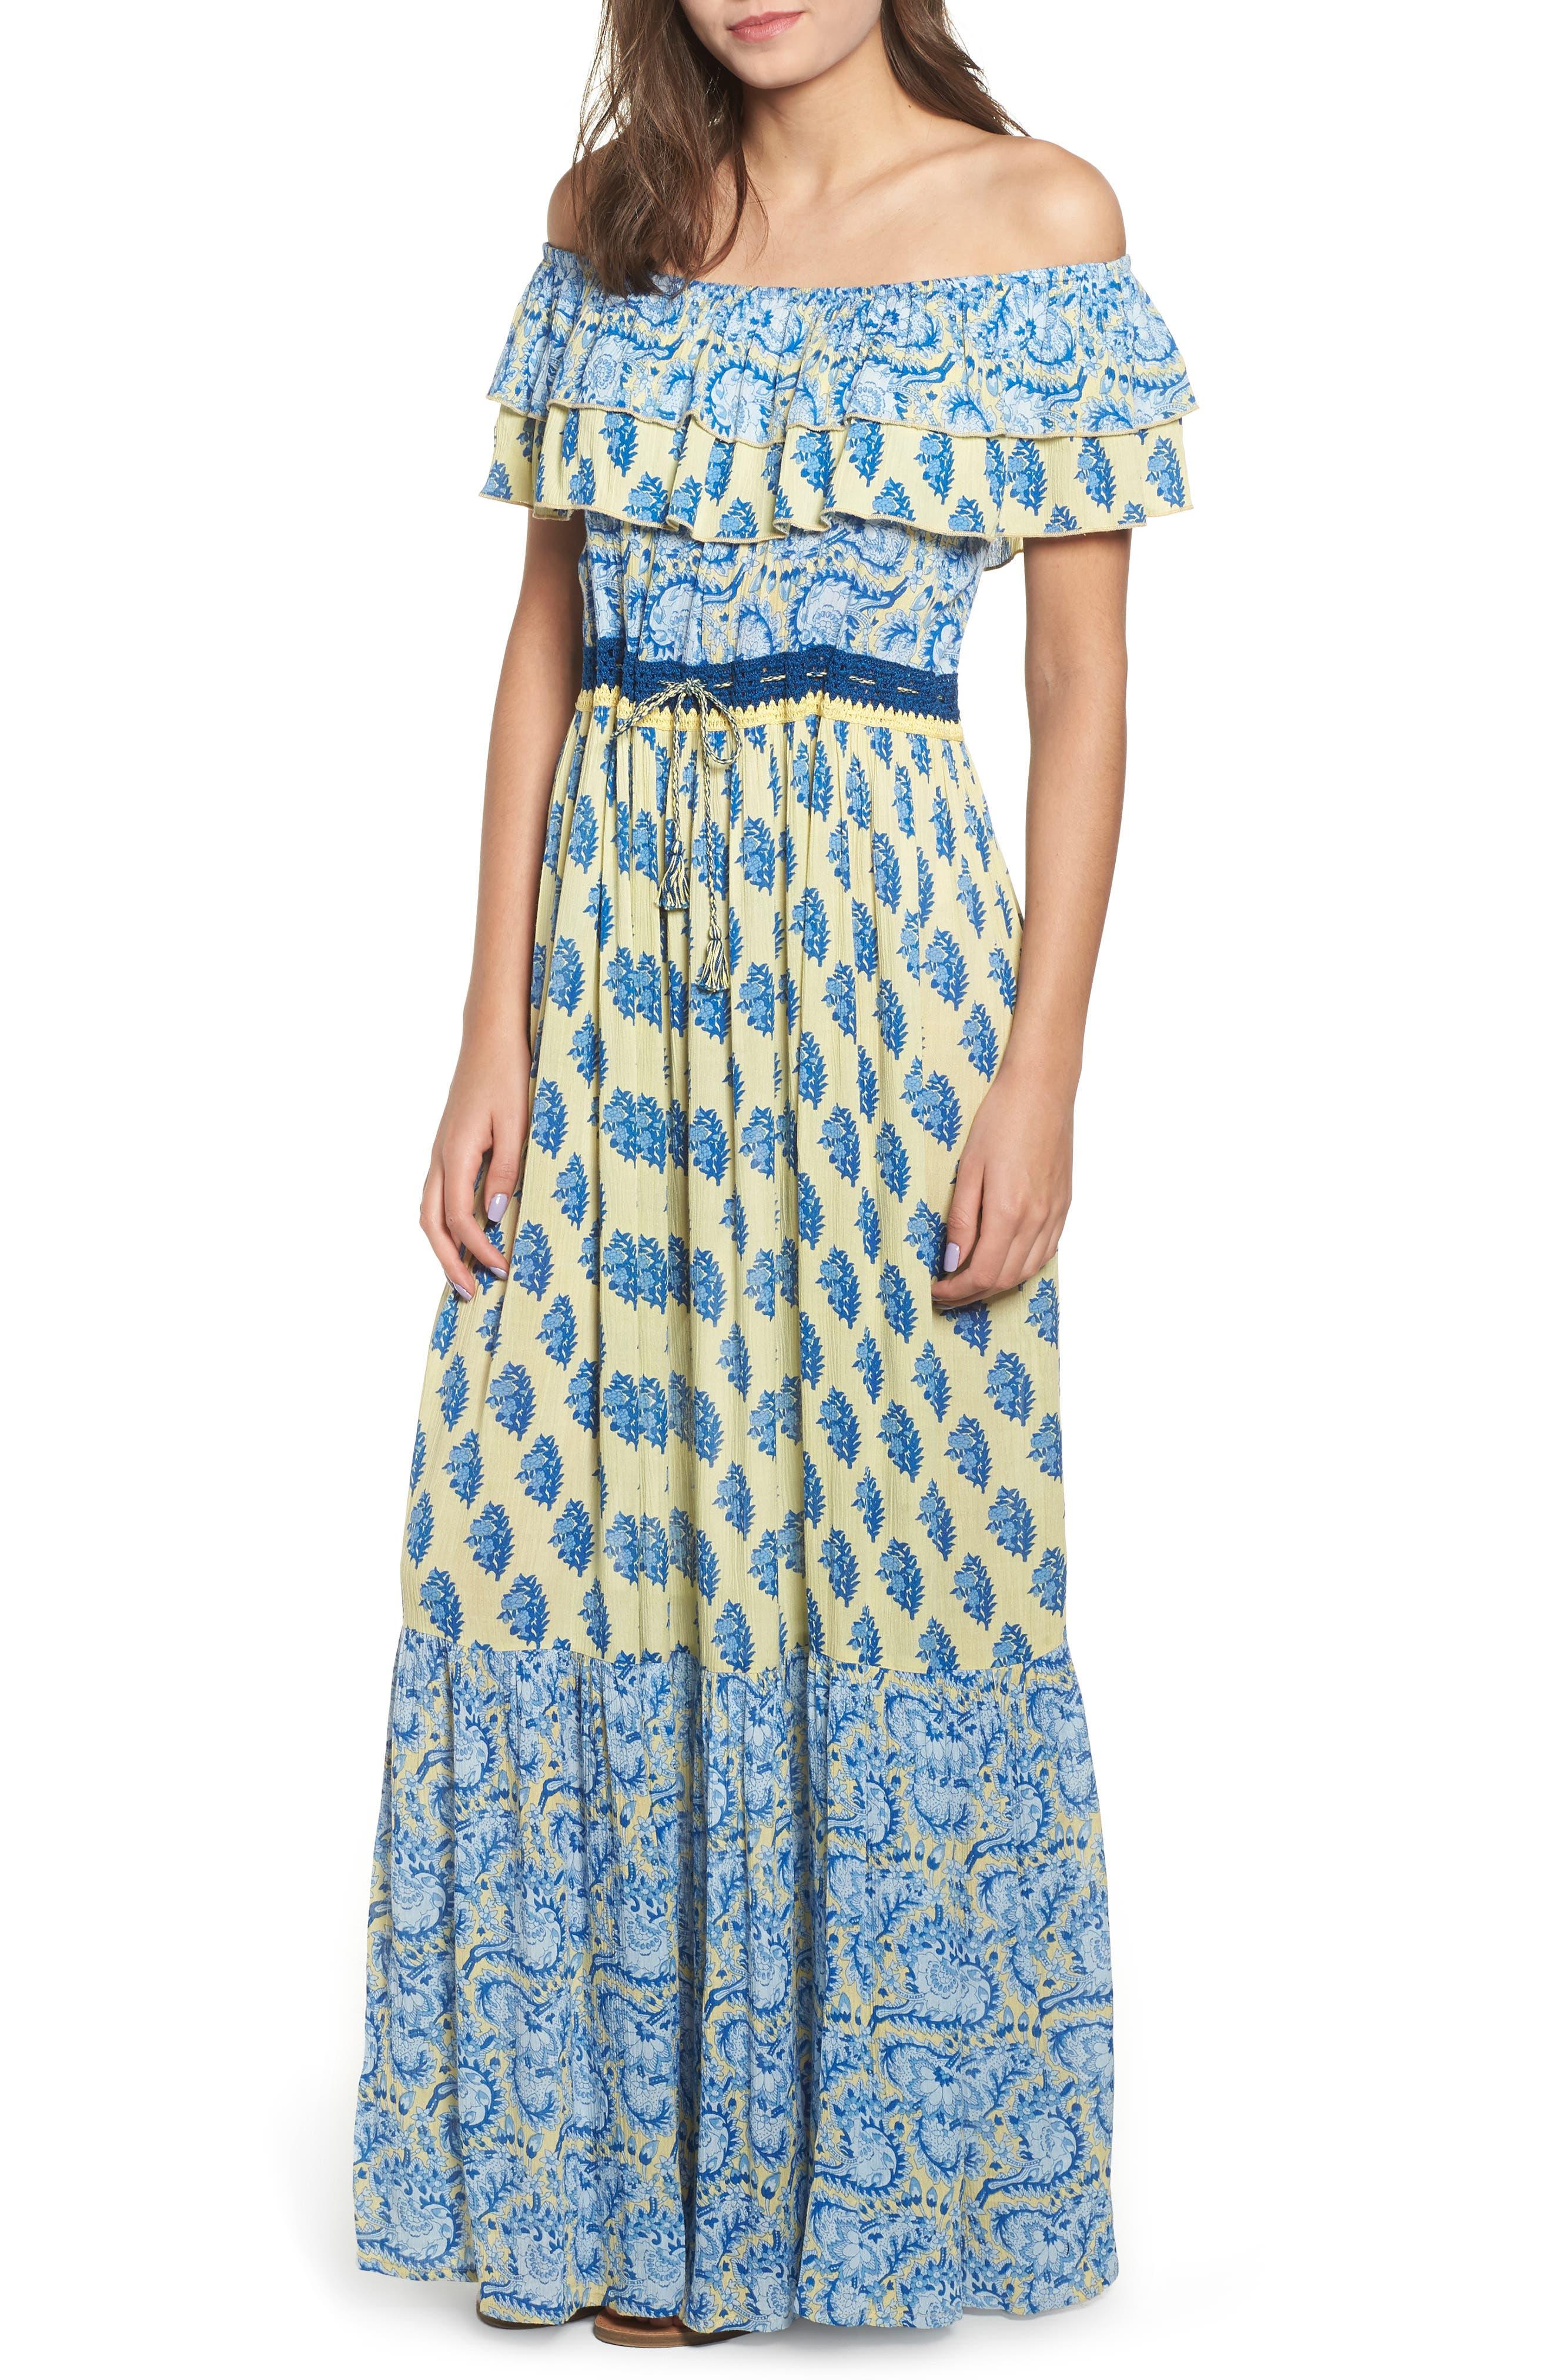 RAGA SUNLIT DAZE OFF THE SHOULDER MAXI DRESS